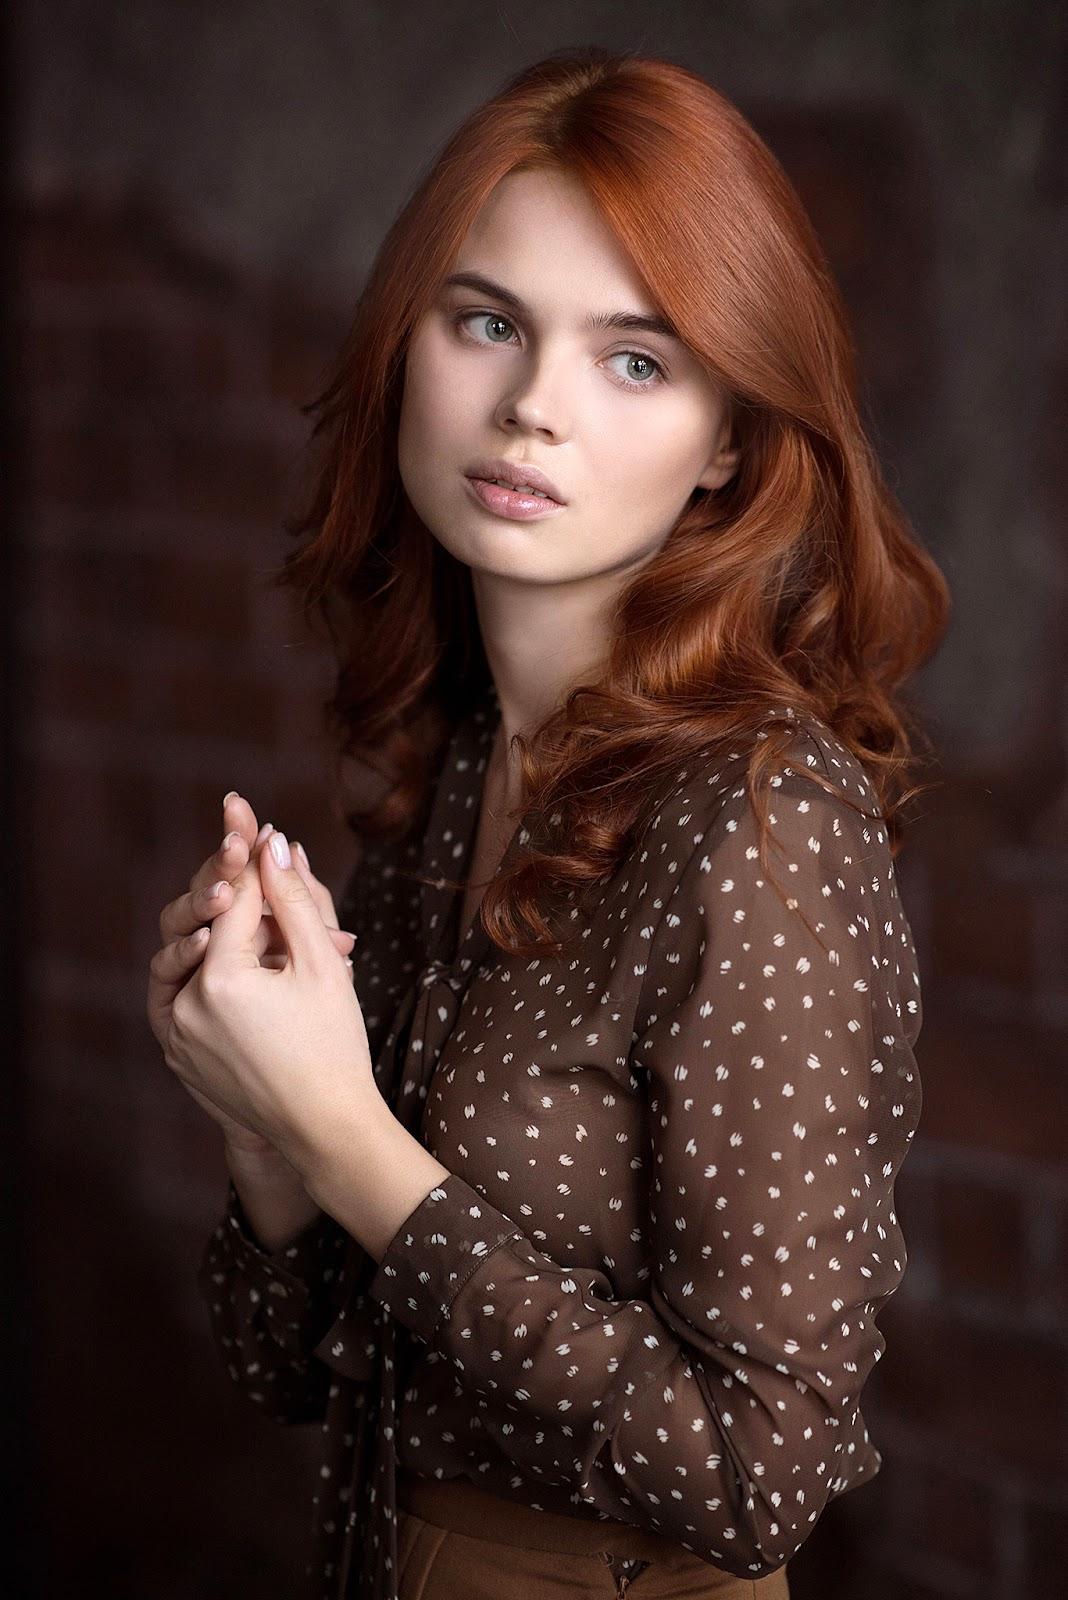 Дарья. Портреты с мастер-класса